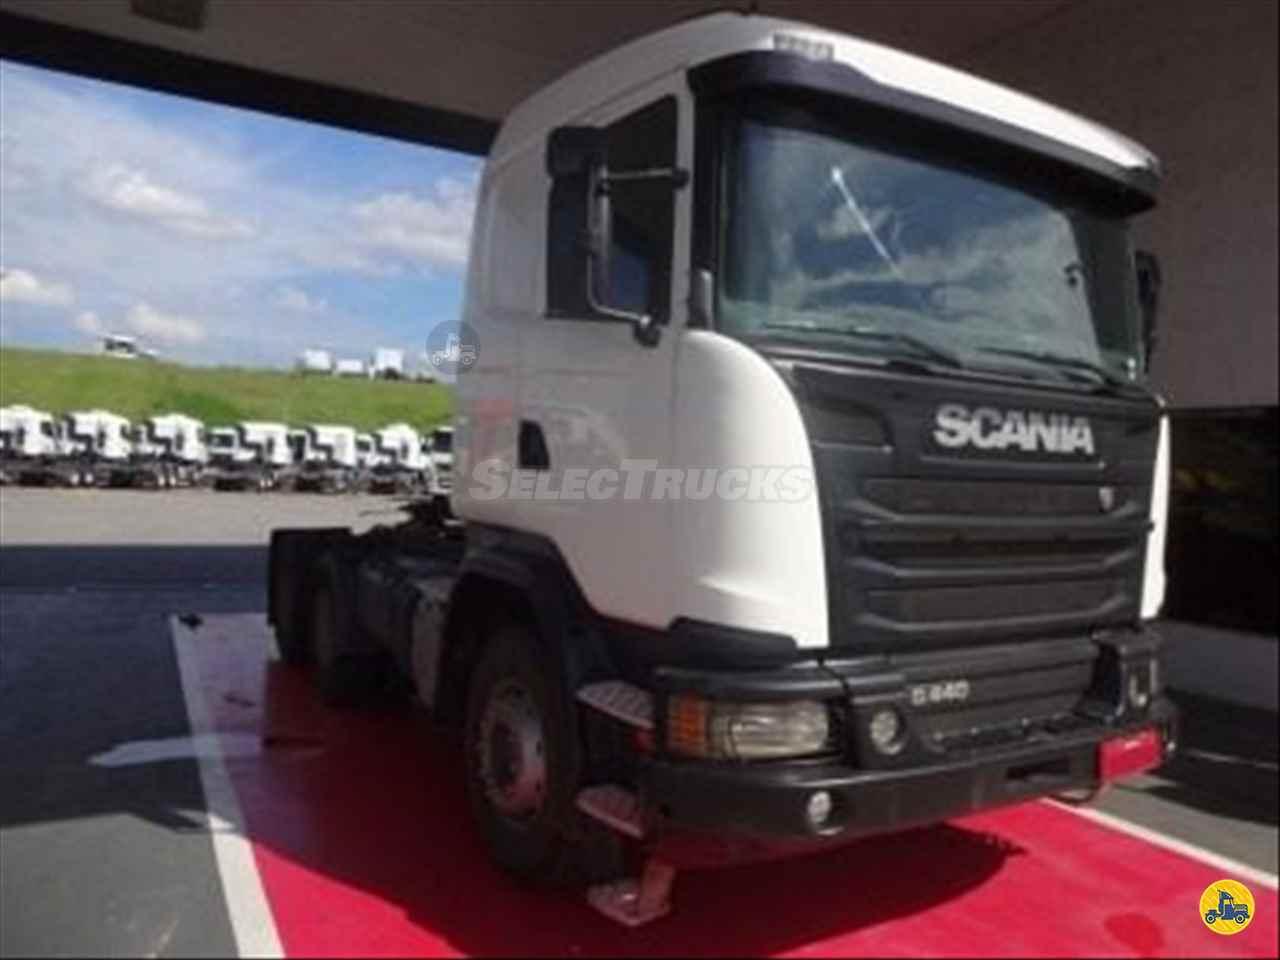 SCANIA SCANIA 440 320000km 2017/2017 SelecTrucks - Mauá SP - Matriz